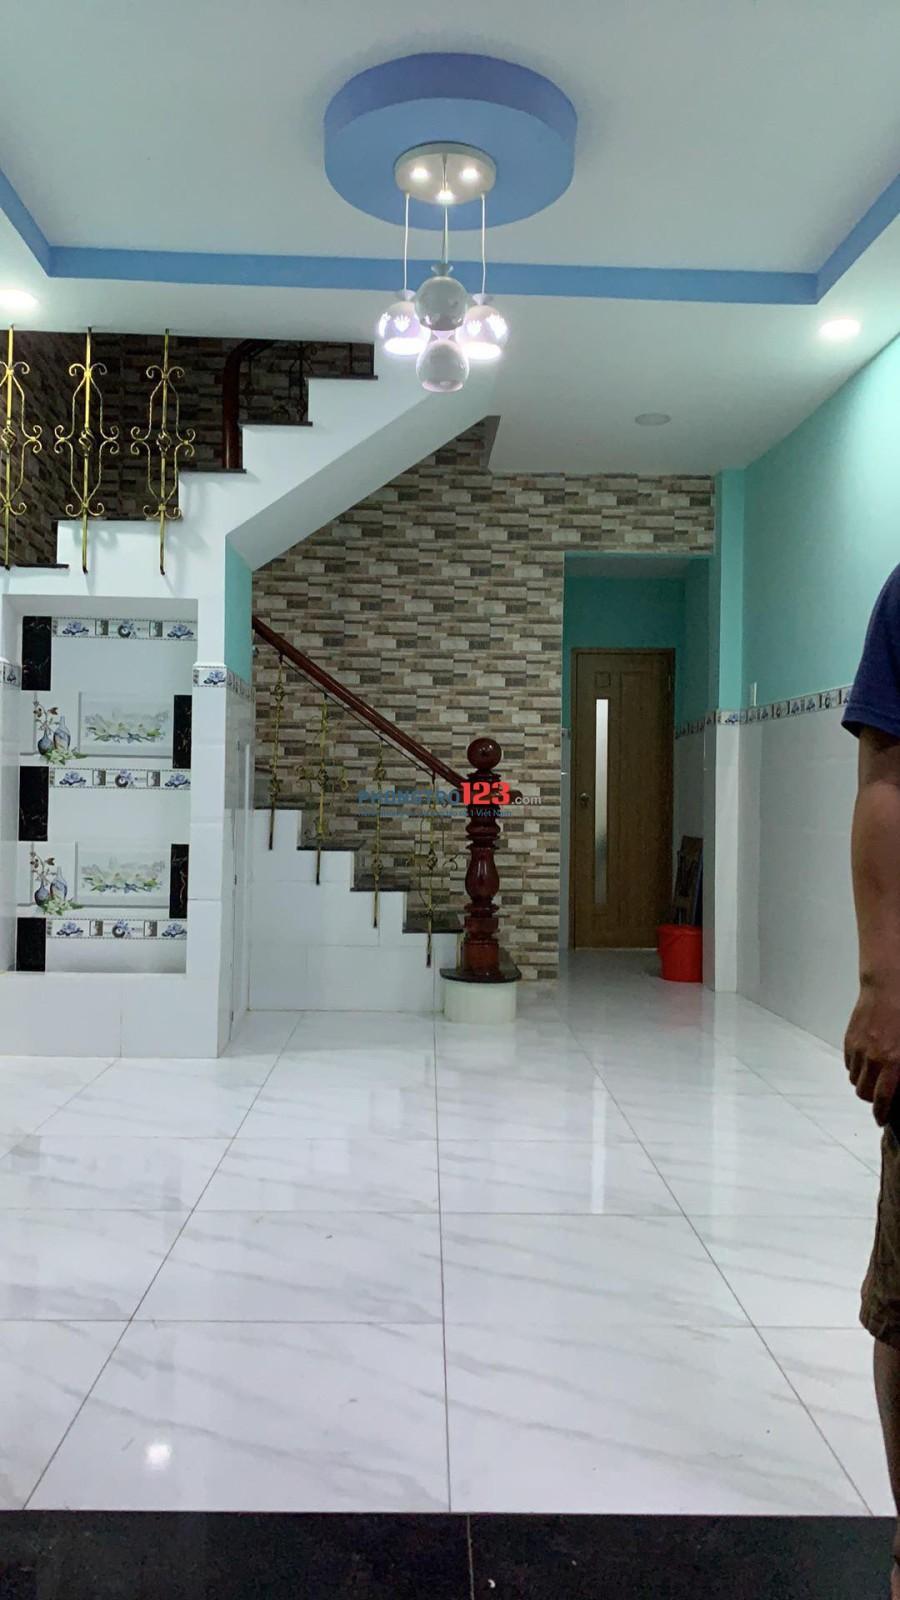 Cho thuê nhà NC 2 lầu 70m2 2pn tại Hẻm Huỳnh Văn Bánh, Q.Phú Nhuận gần Cầu Công Lý